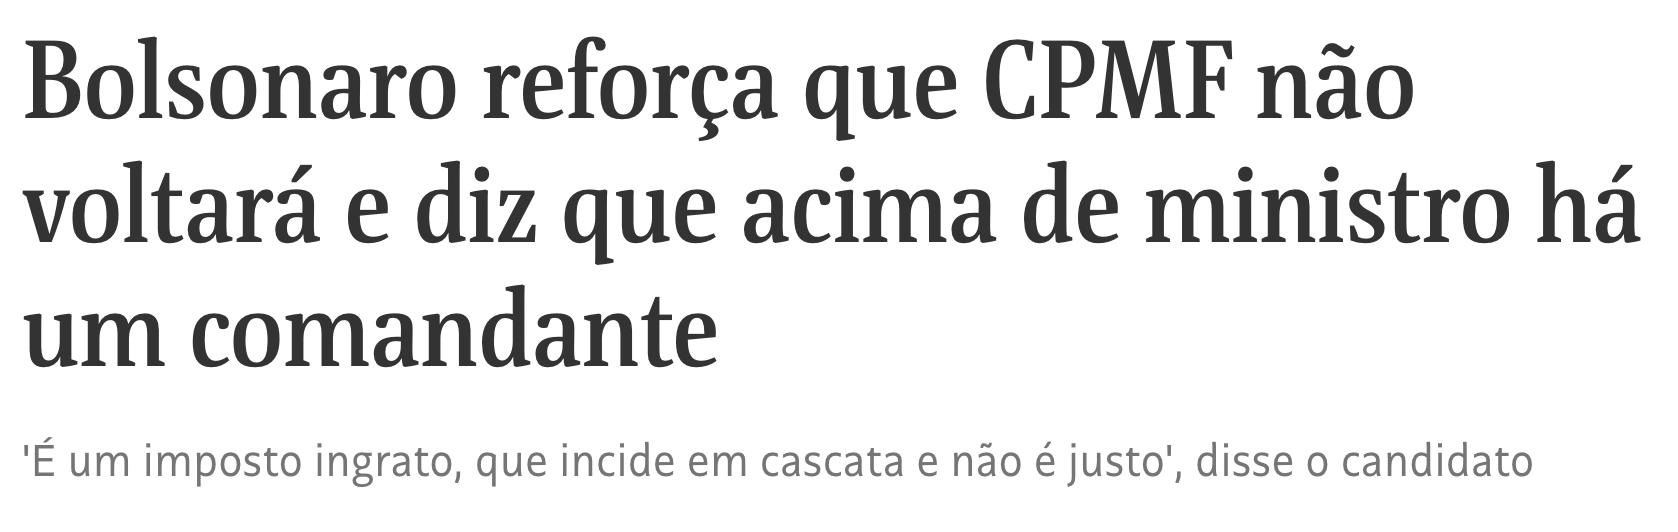 Folha/Reprodução, https://www1.folha.uol.com.br/mercado/2018/10/bolsonaro-reforca-que-cpmf-nao-voltara-e-diz-que-acima-de-ministro-ha-um-comandante.shtml